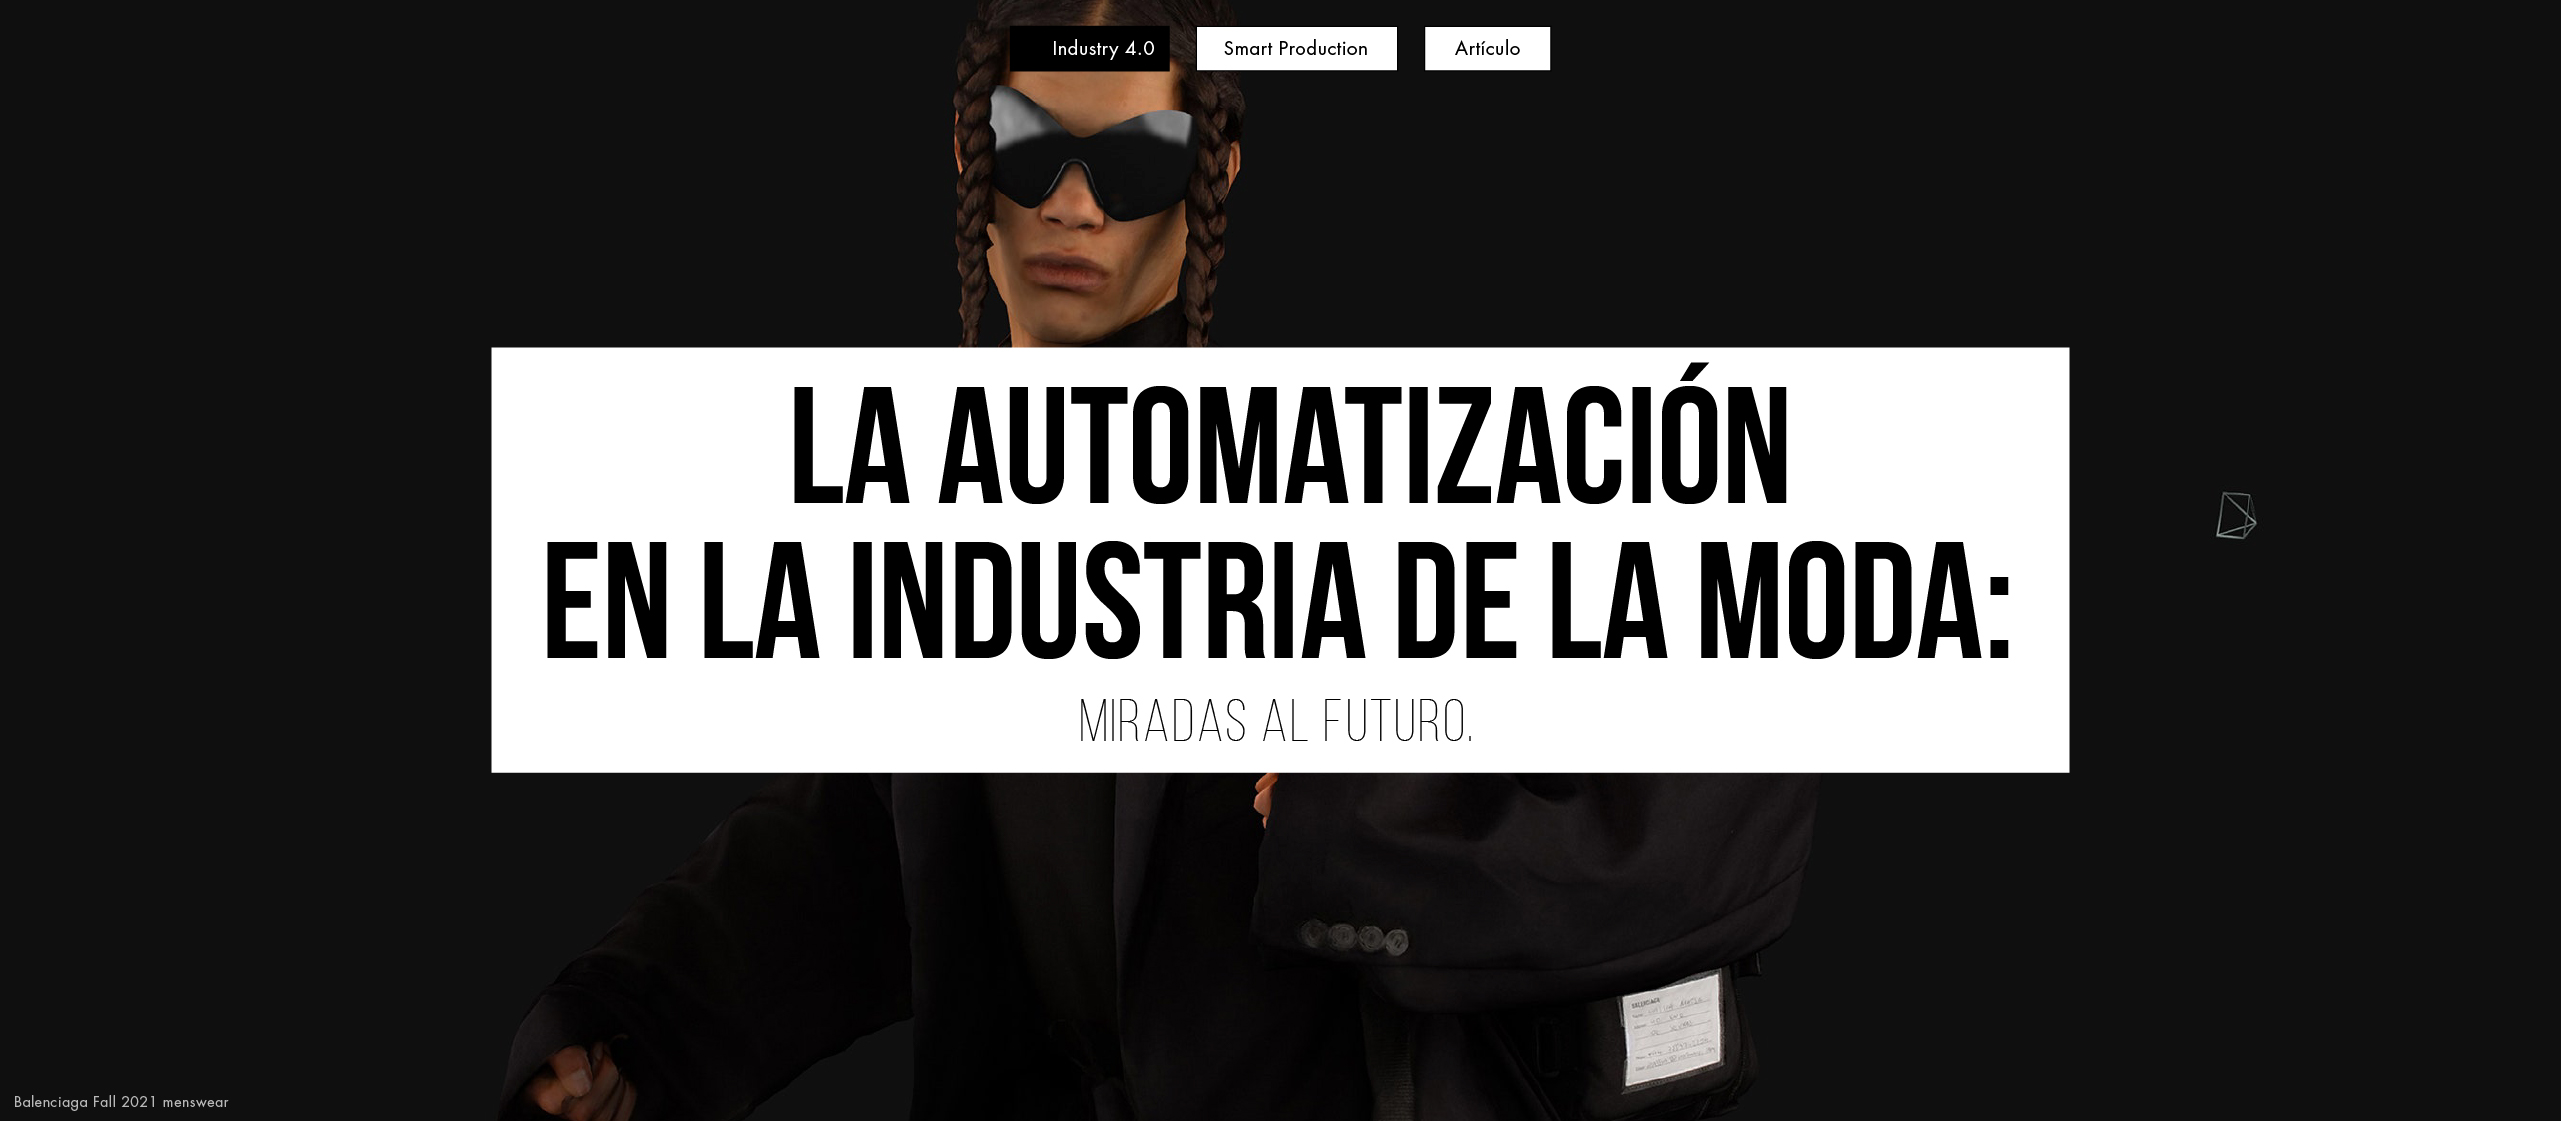 La Automatización en la Industria de la moda: Miradas al Futuro